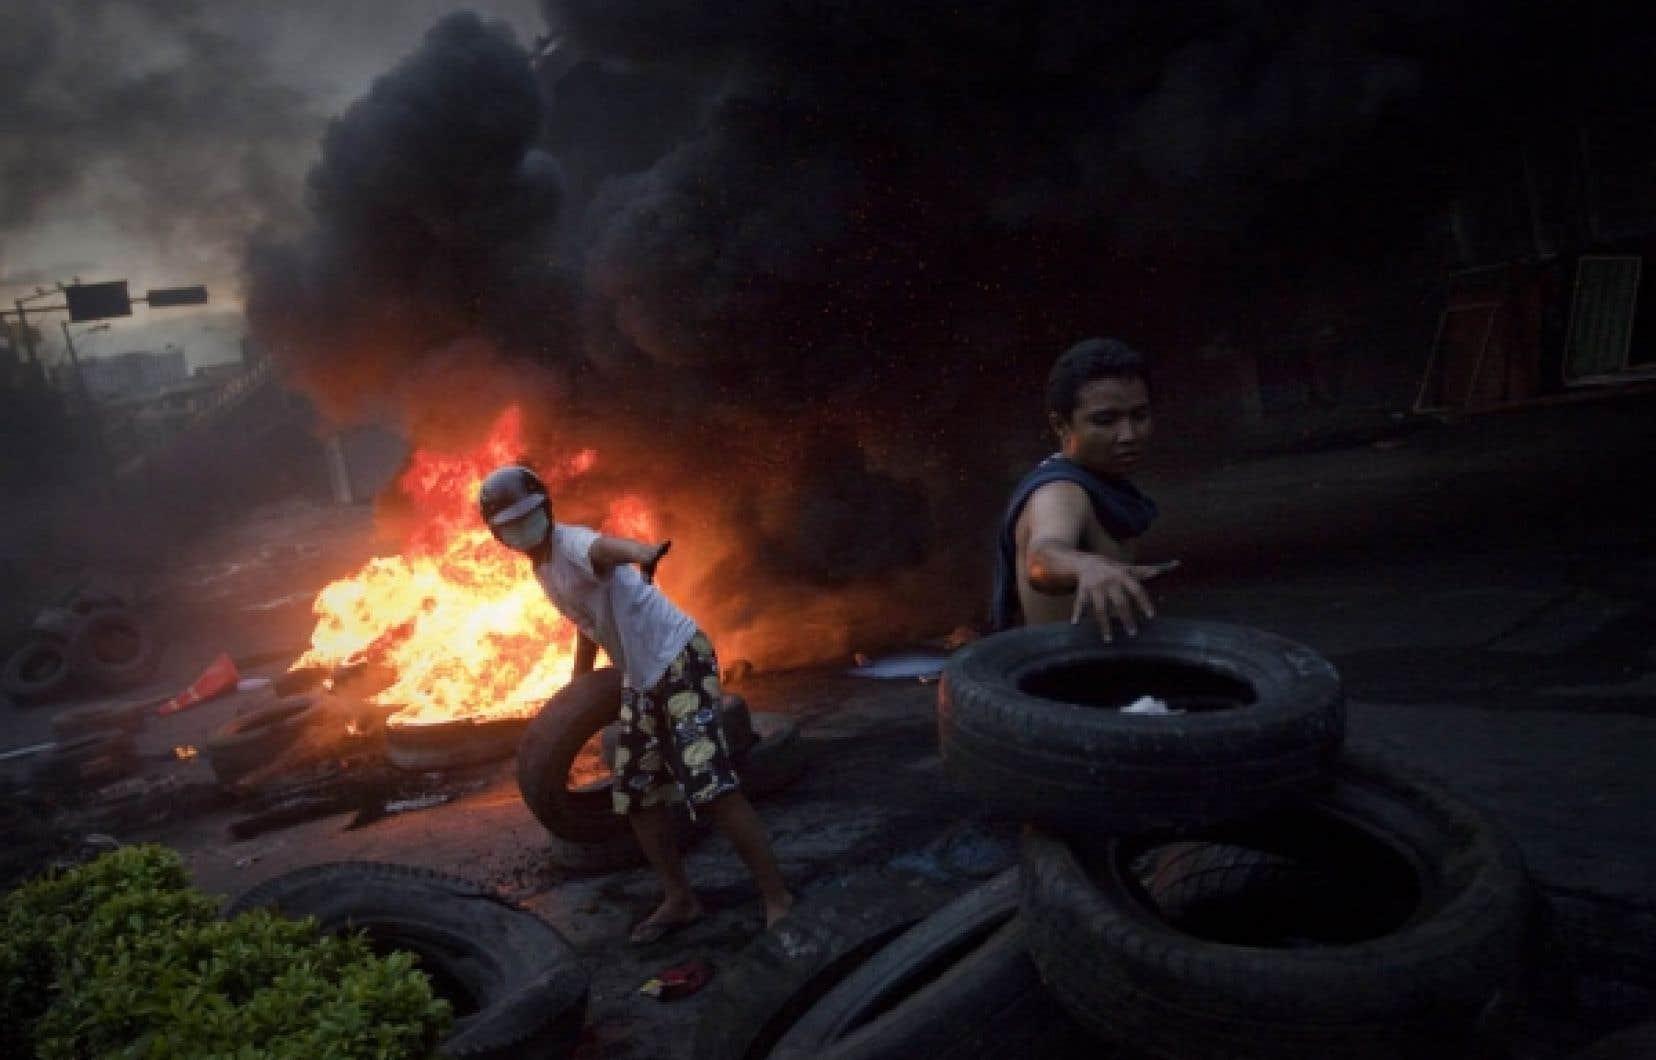 Les «chemises rouges» défendent ardemment leur camp retranché, menant des opérations de guérilla urbaine avec cocktails Molotov, pierres et engins incendiaires.